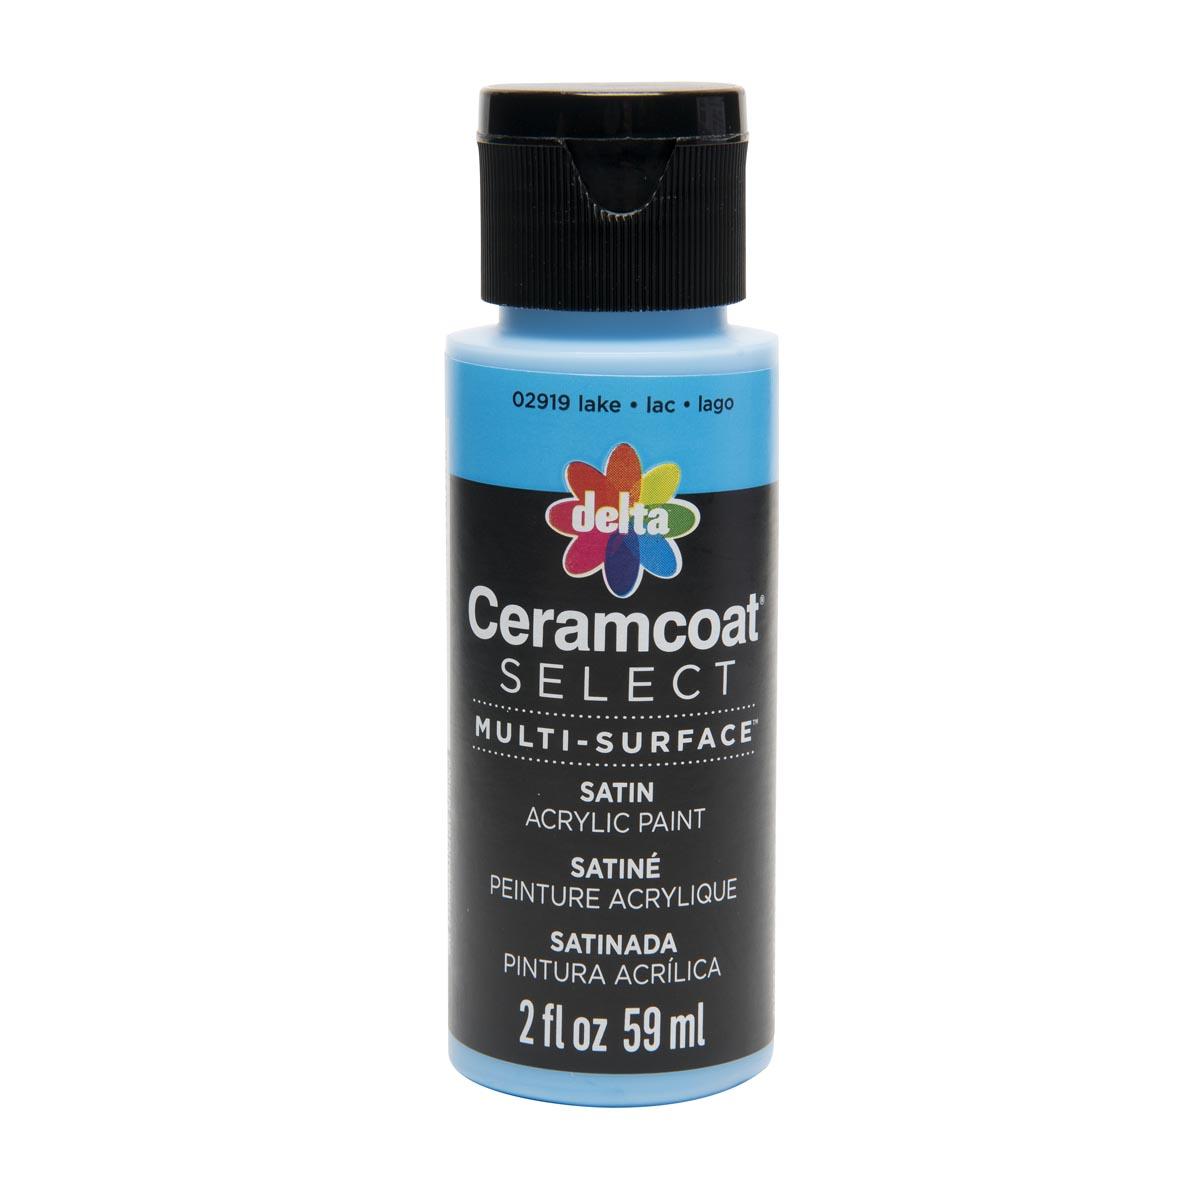 Delta Ceramcoat ® Select Multi-Surface Acrylic Paint - Satin - Lake, 2 oz.